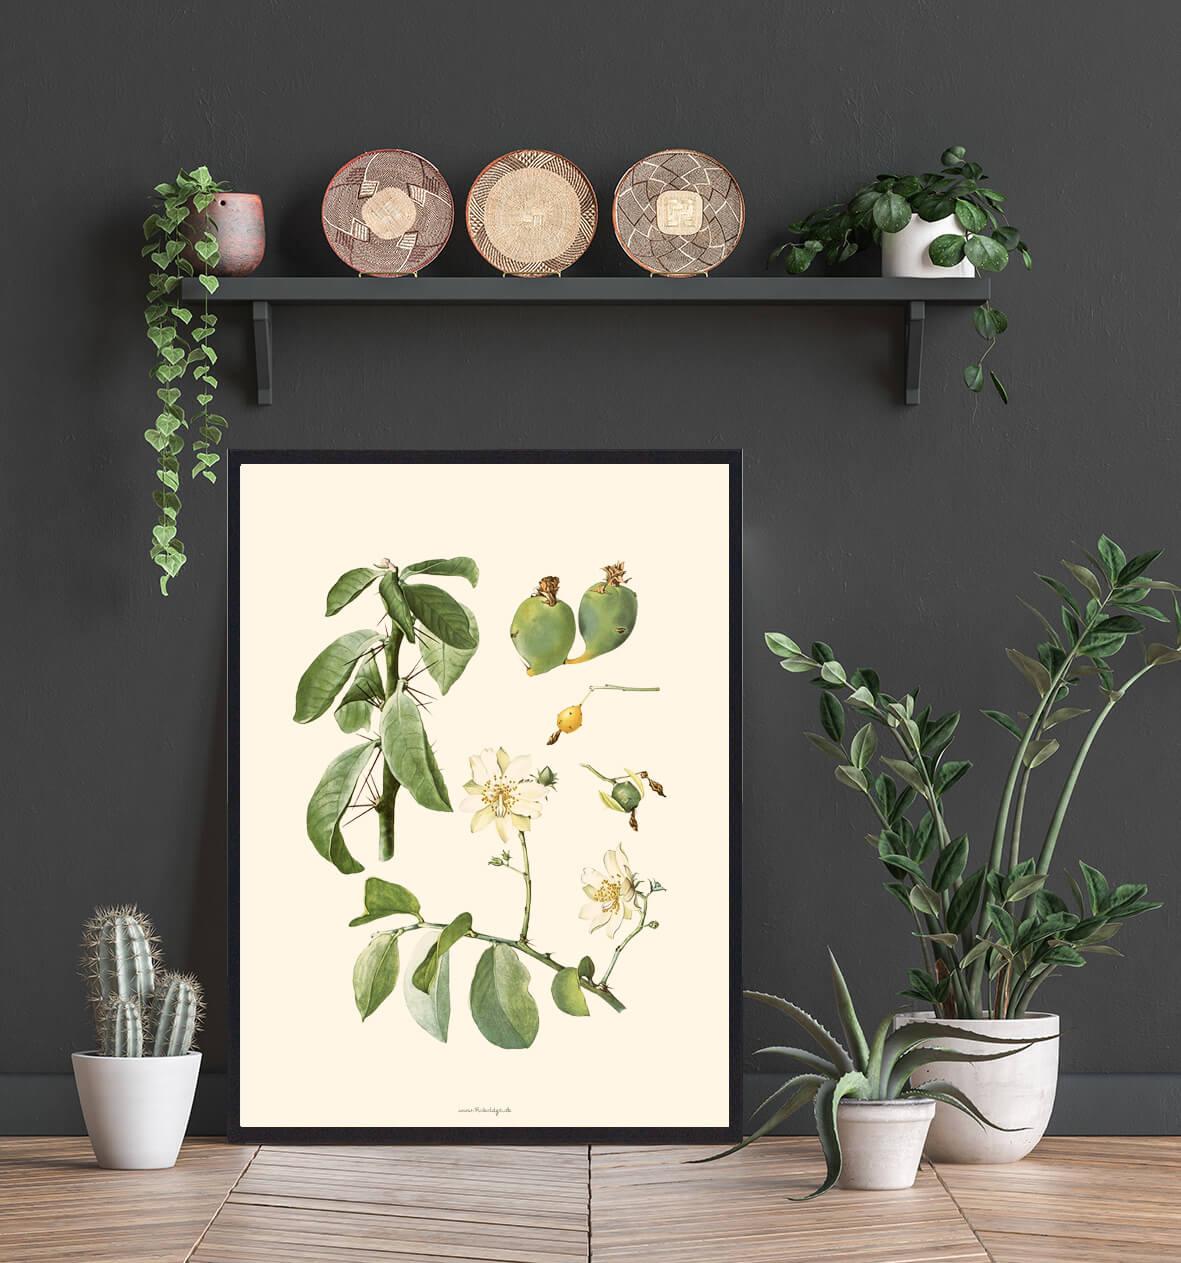 Plakat-kaktus-billig-3